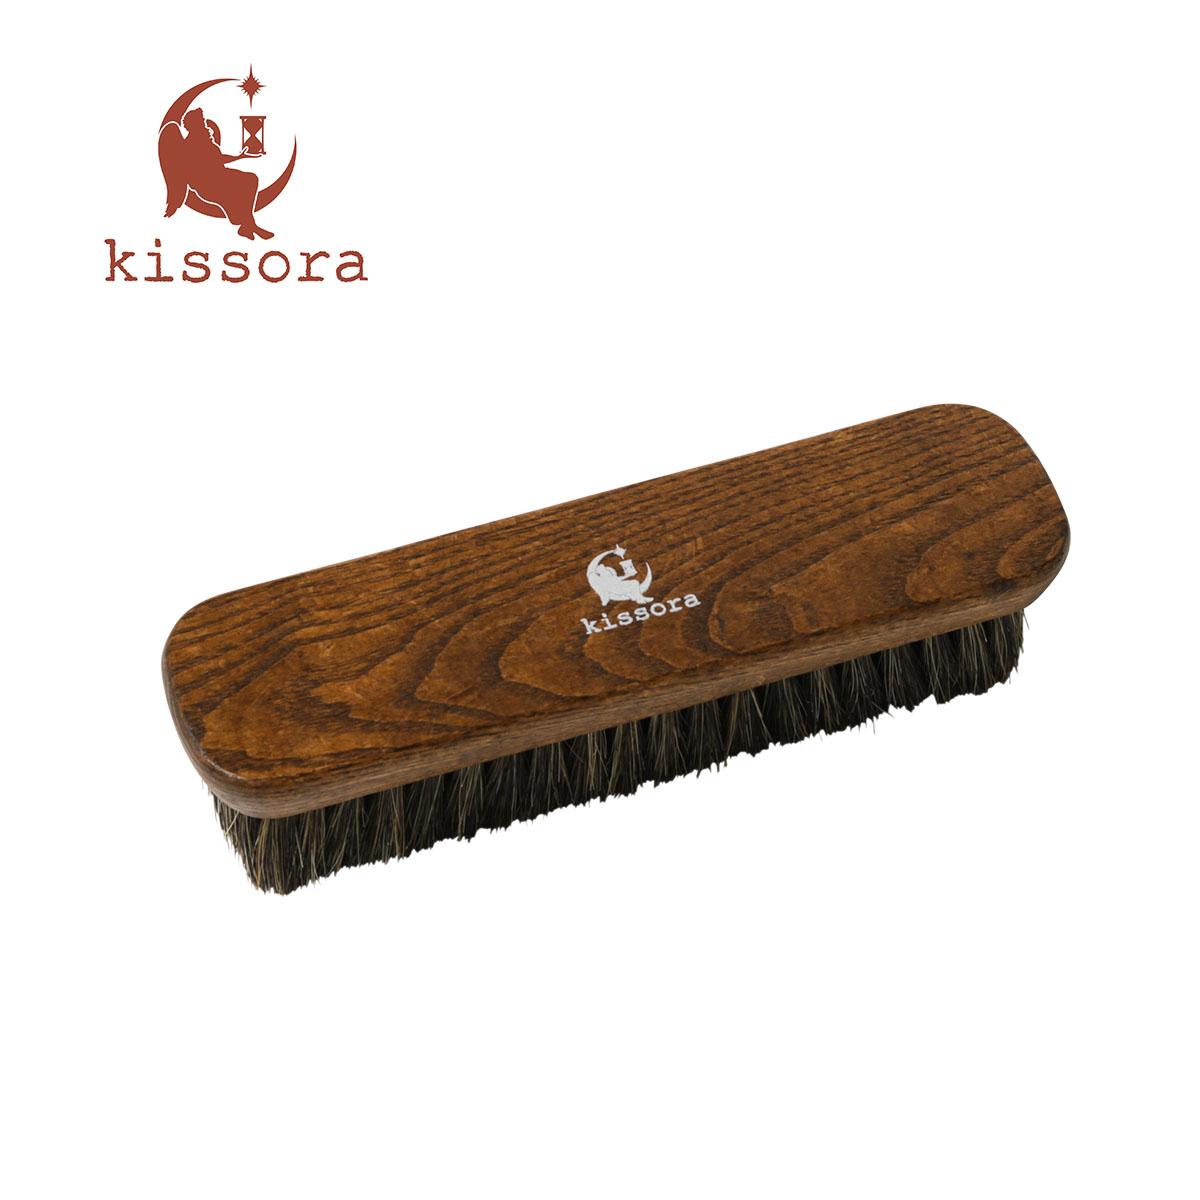 3980円以上購入で送料無料  キソラ 馬毛ブラシ ワークホースブラシ KIRD-002 kissora   レザーケア 皮革ケア